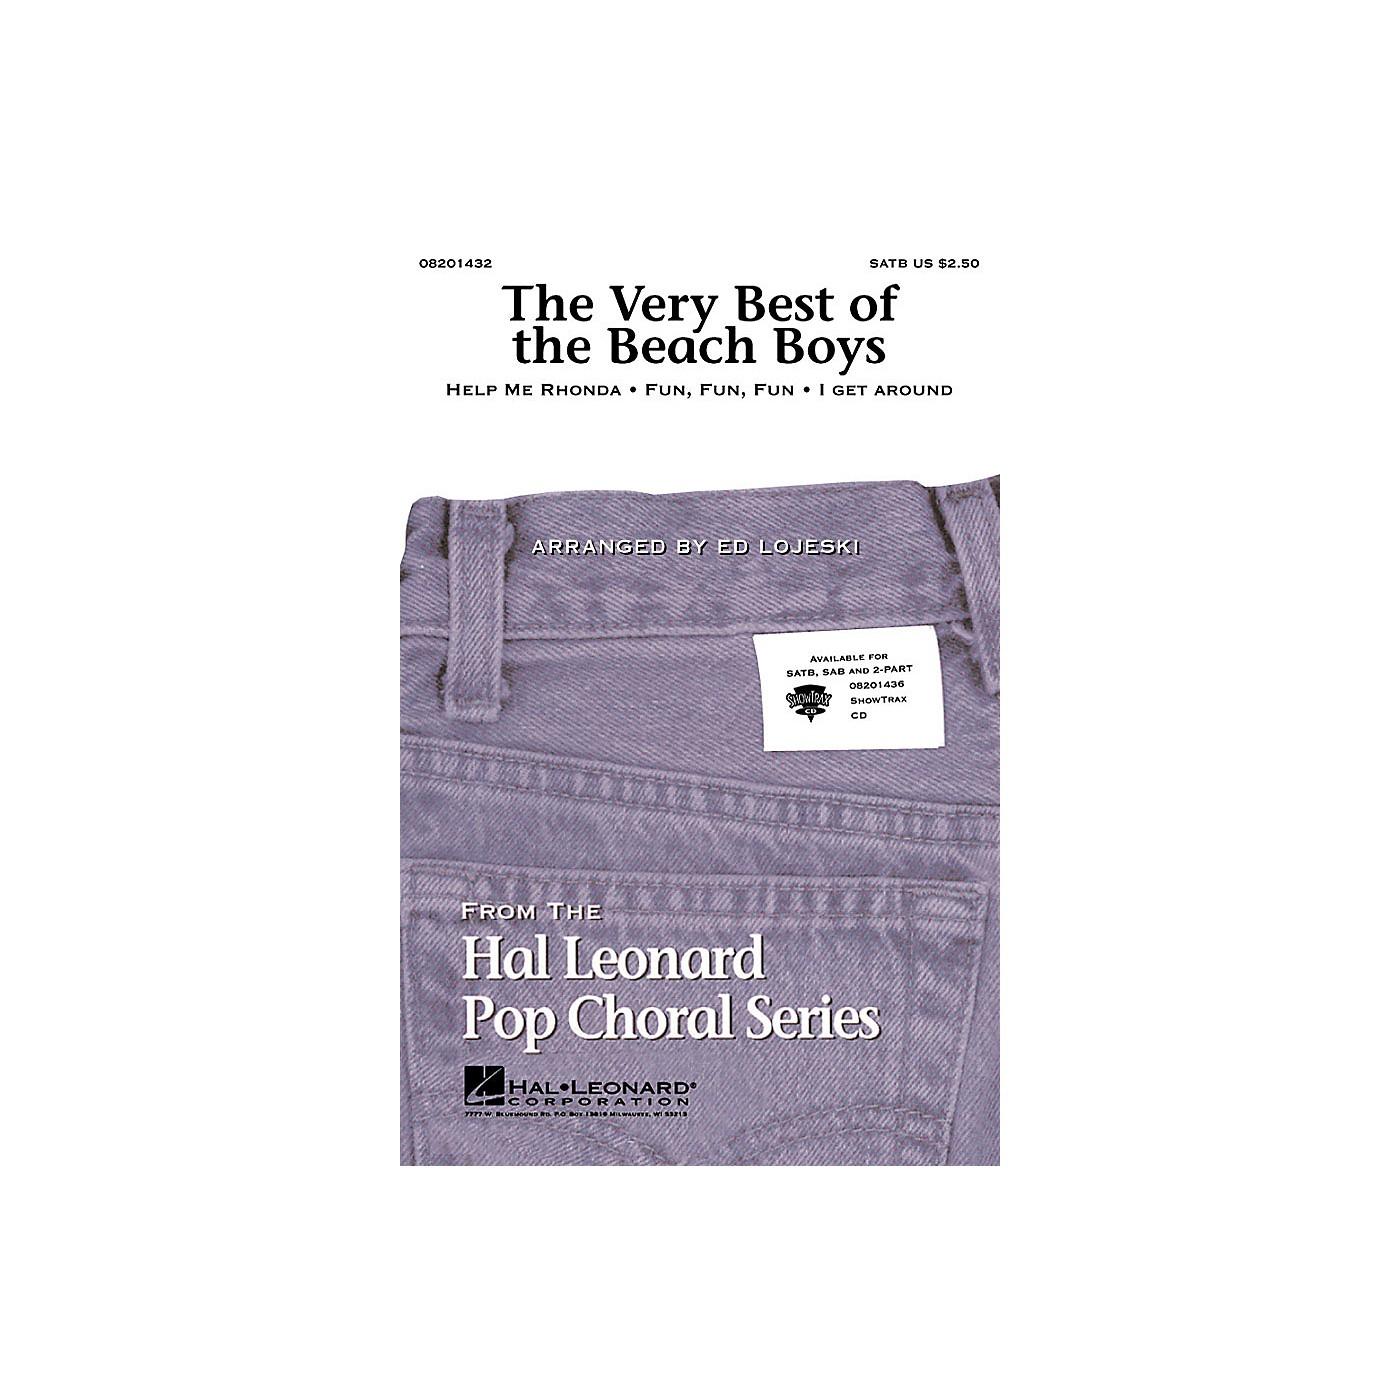 Hal Leonard The Very Best of the Beach Boys (Medley) SATB by The Beach Boys arranged by Ed Lojeski thumbnail